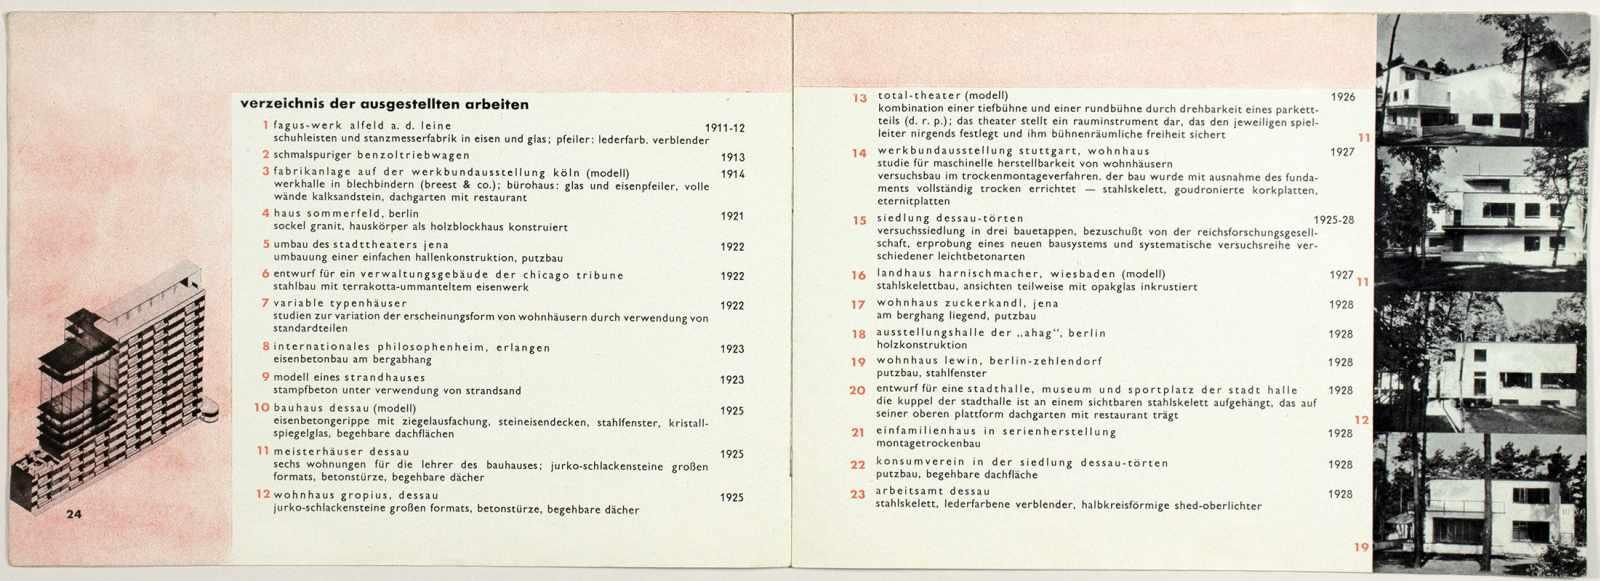 Laszlo Moholy-Nagy - Ausstellung Walter Gropius. Zeichnungen, Fotos, Modelle in der ständigen - Image 3 of 8